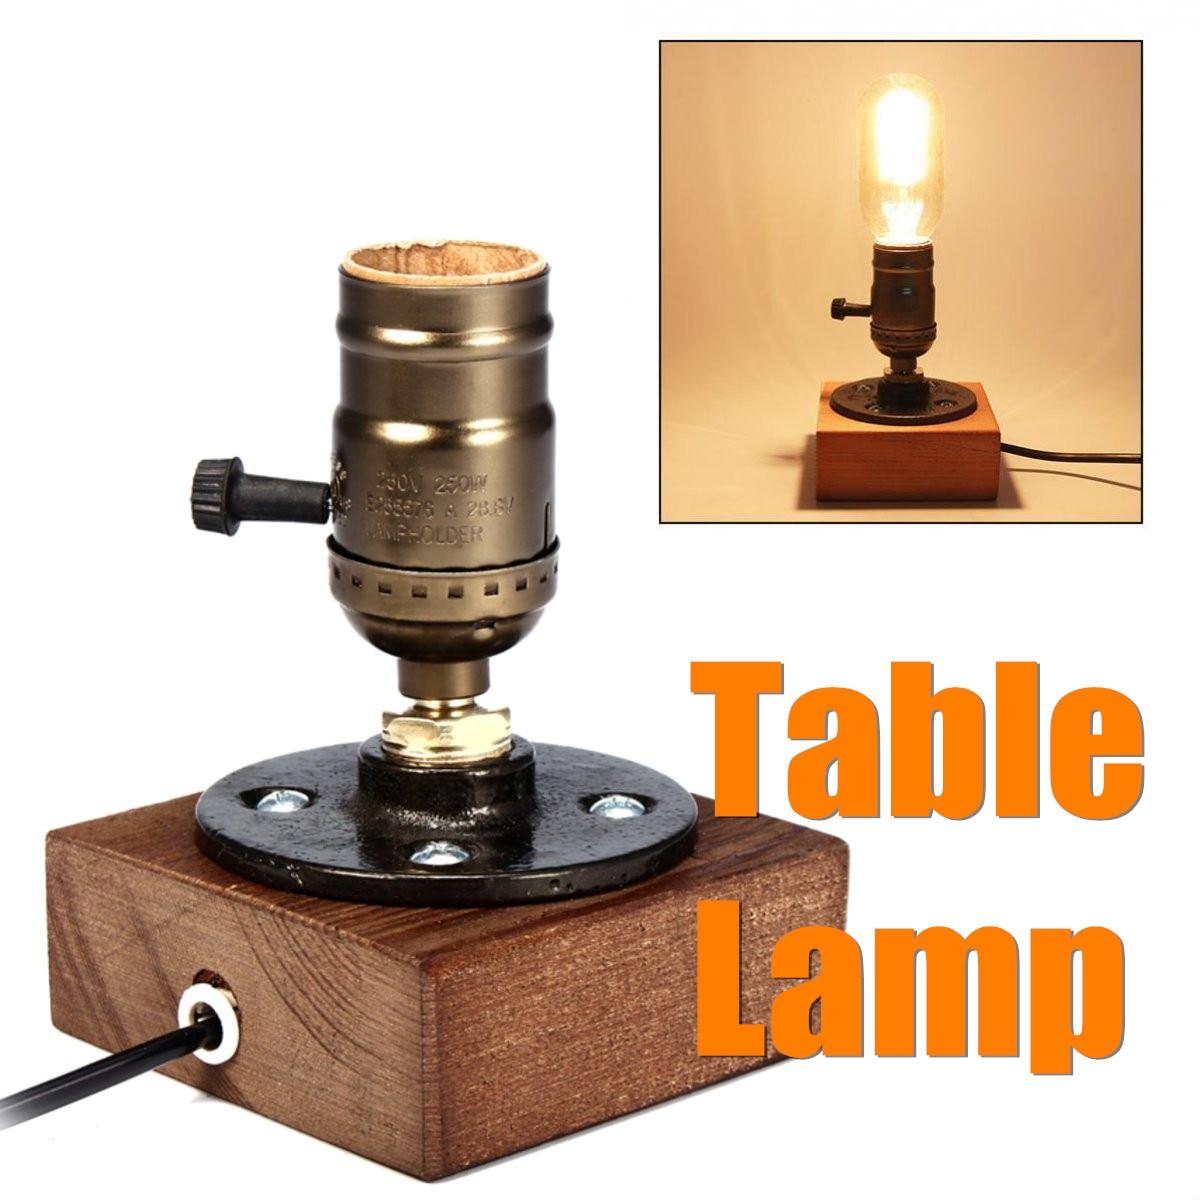 ไม้ไฟฟ้า Retro คลาสสิกข้างเตียงโคมไฟกลางคืนโคมไฟตั้งโต๊ะบาร์ร้านกาแฟแสงในร่มอุปกรณ์ E27